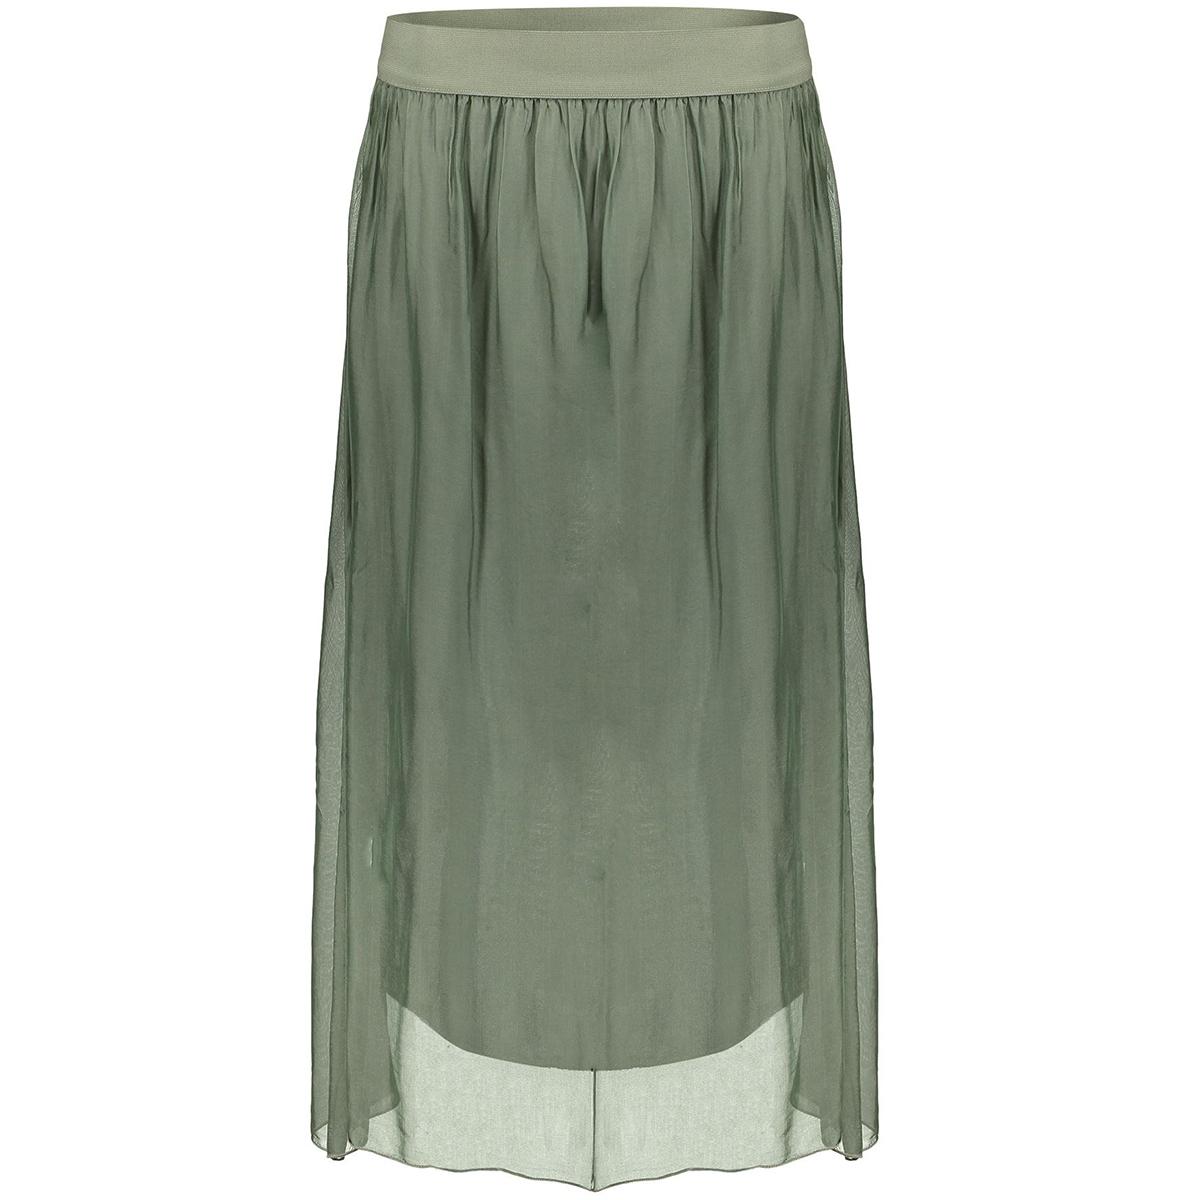 skirt silk with elastic waist 06051 70 geisha rok army